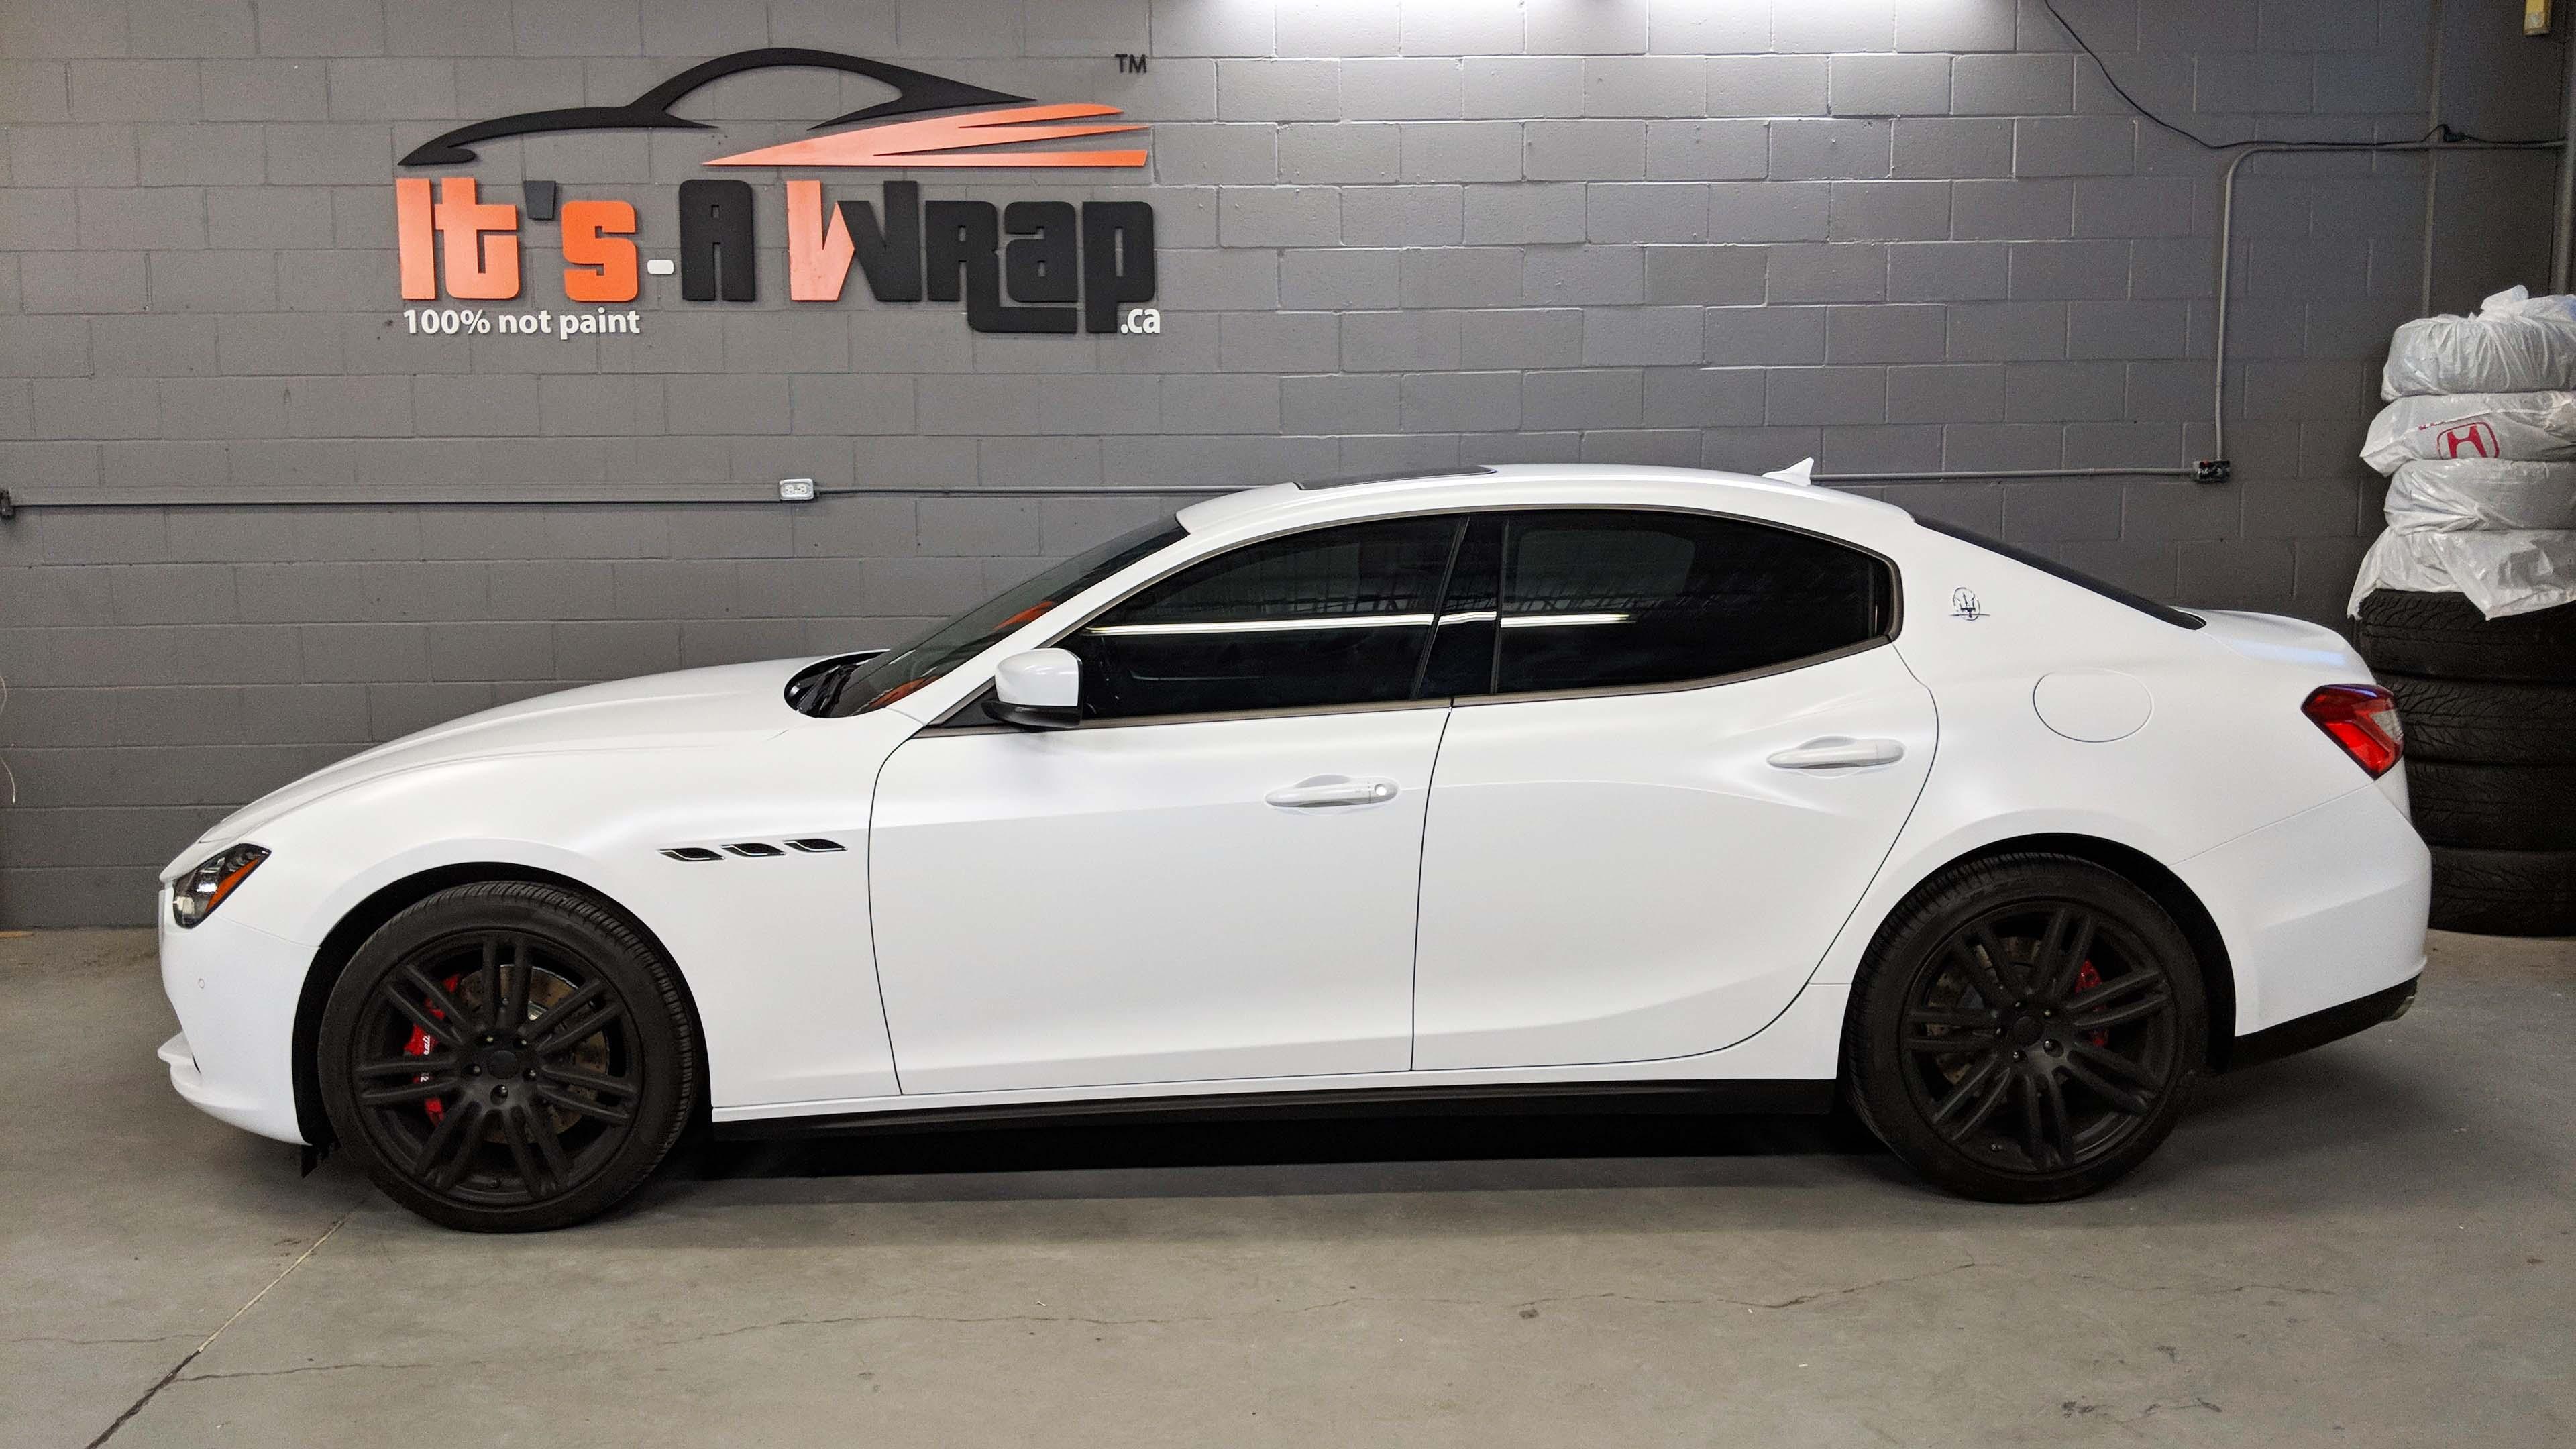 Maserati Ghalib wrap Avery satin white with charcoal chrome delete